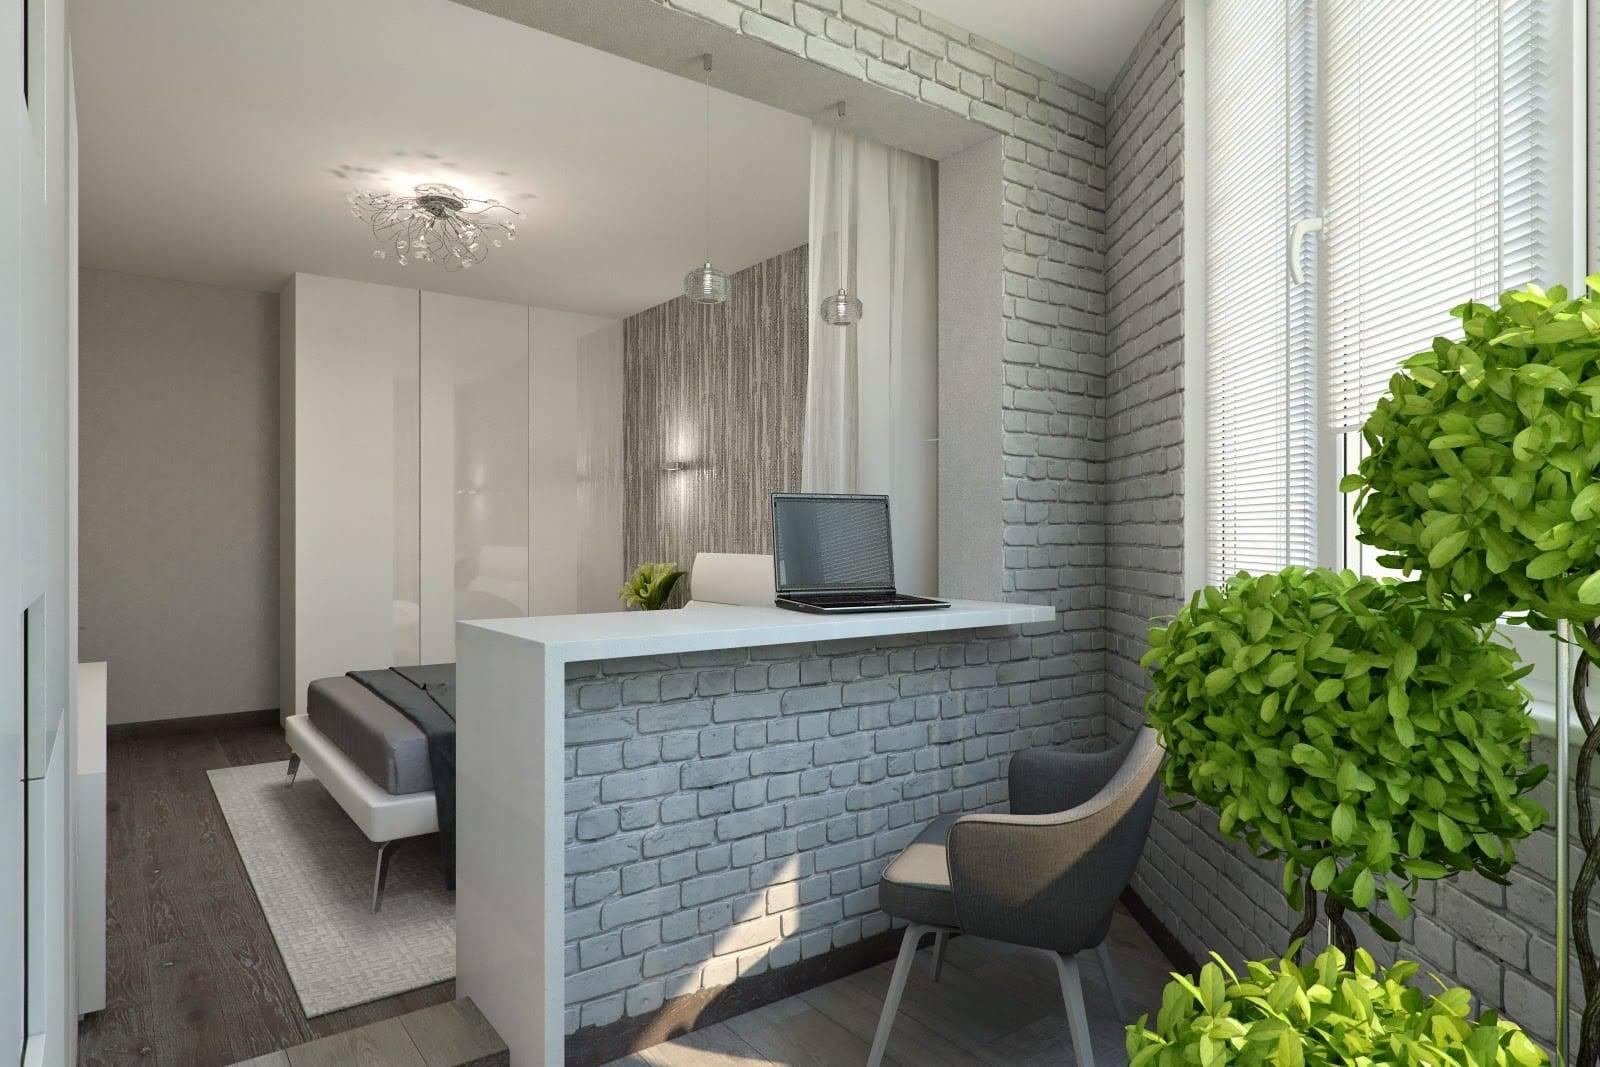 Объединение балкона с комнатой: принципы объединения помещений, фотографии дизайна